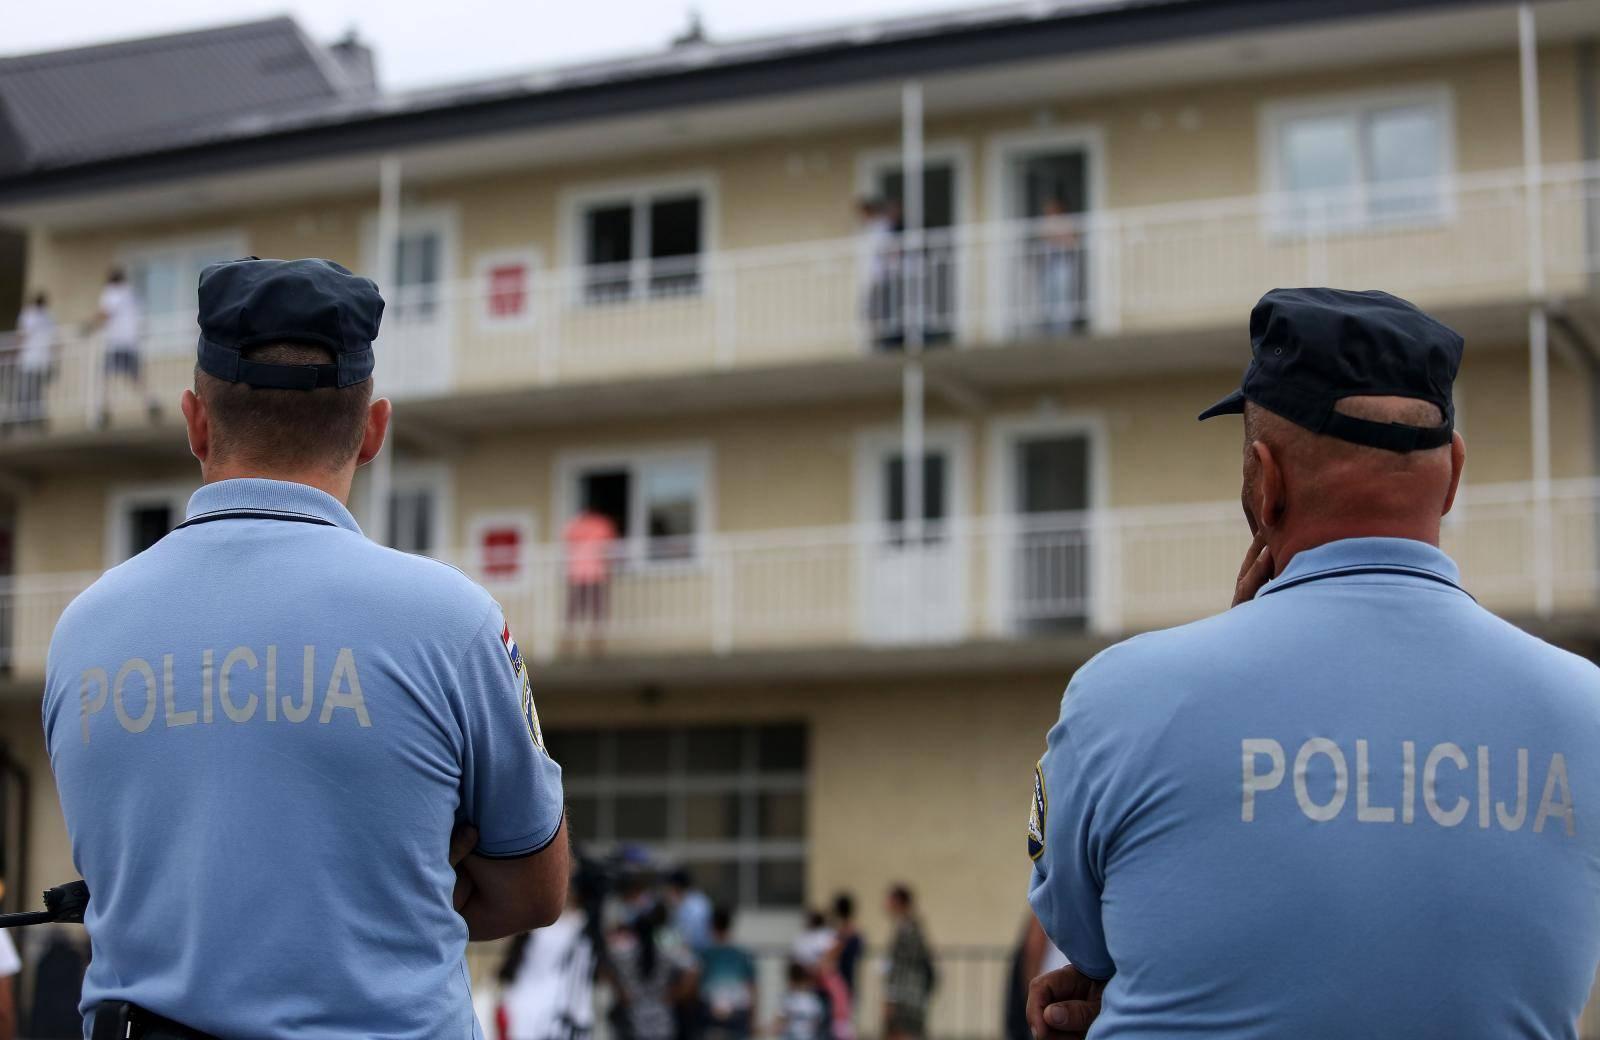 Stanovnike deložiraju: 'Ovo je koncentracijski logor za Rome'